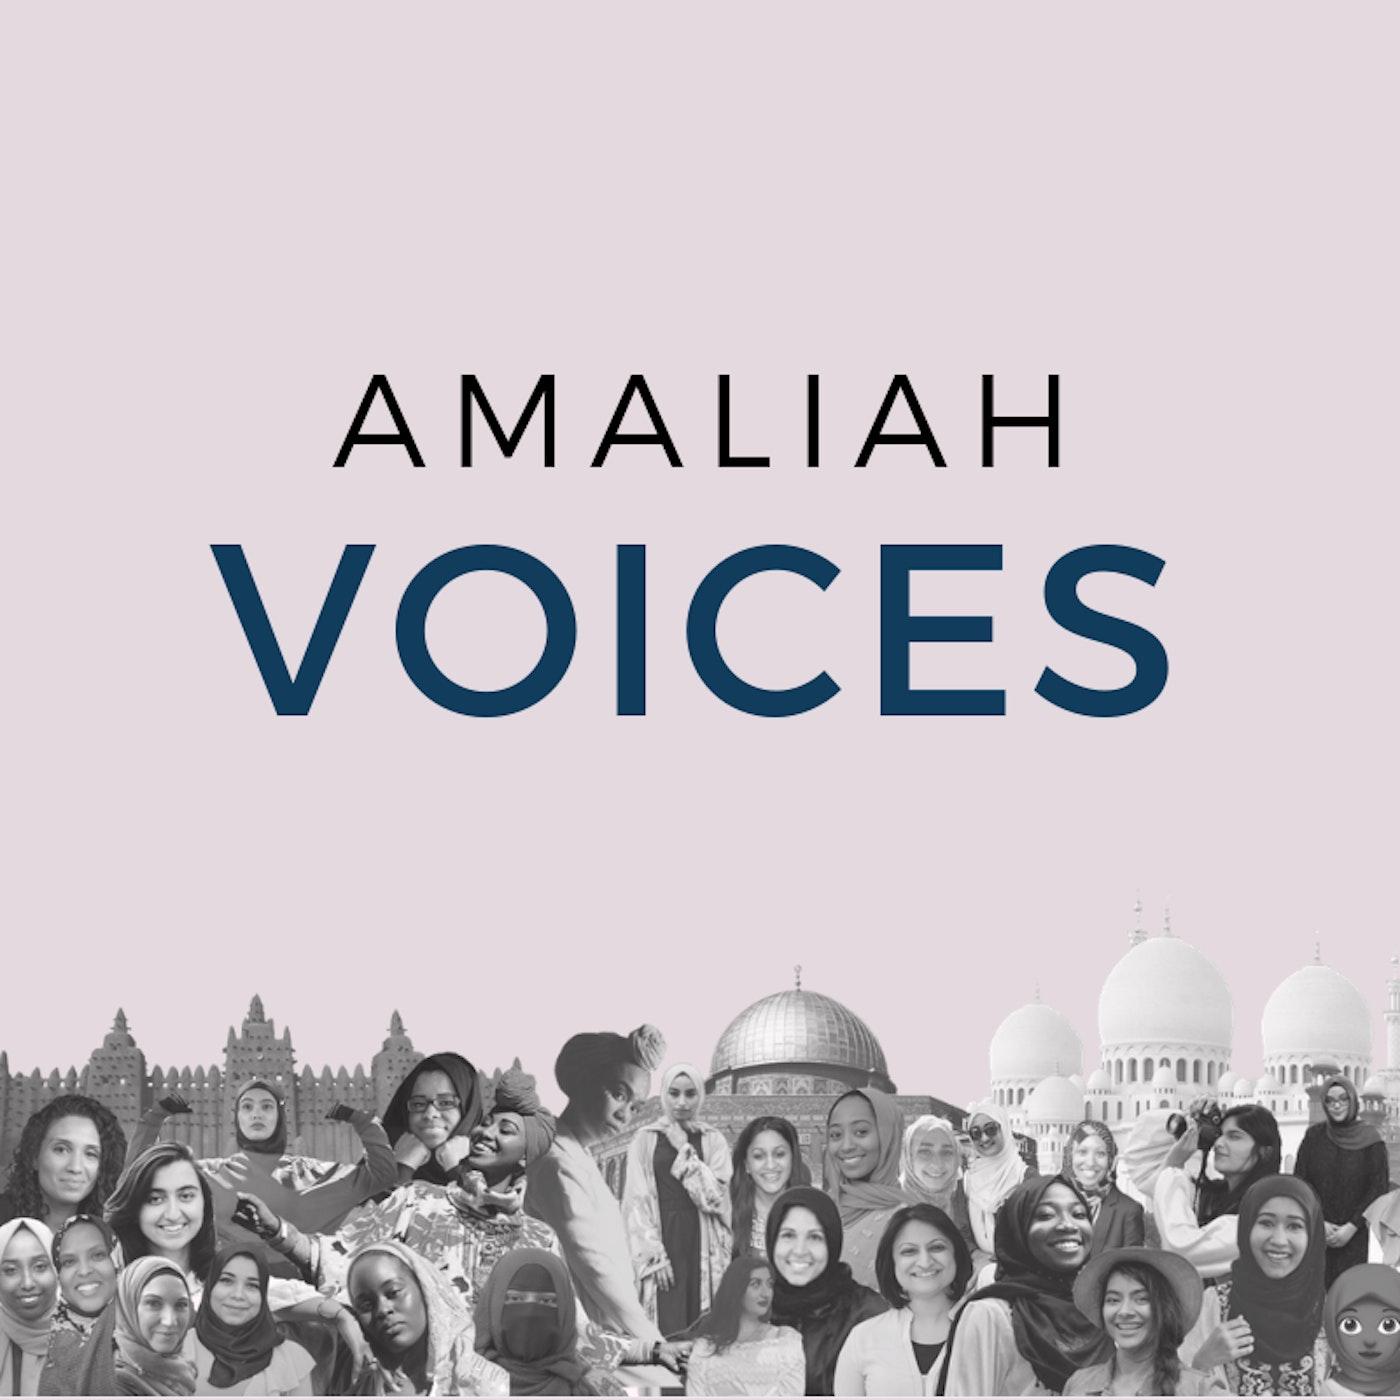 amaliahvoicespodcast